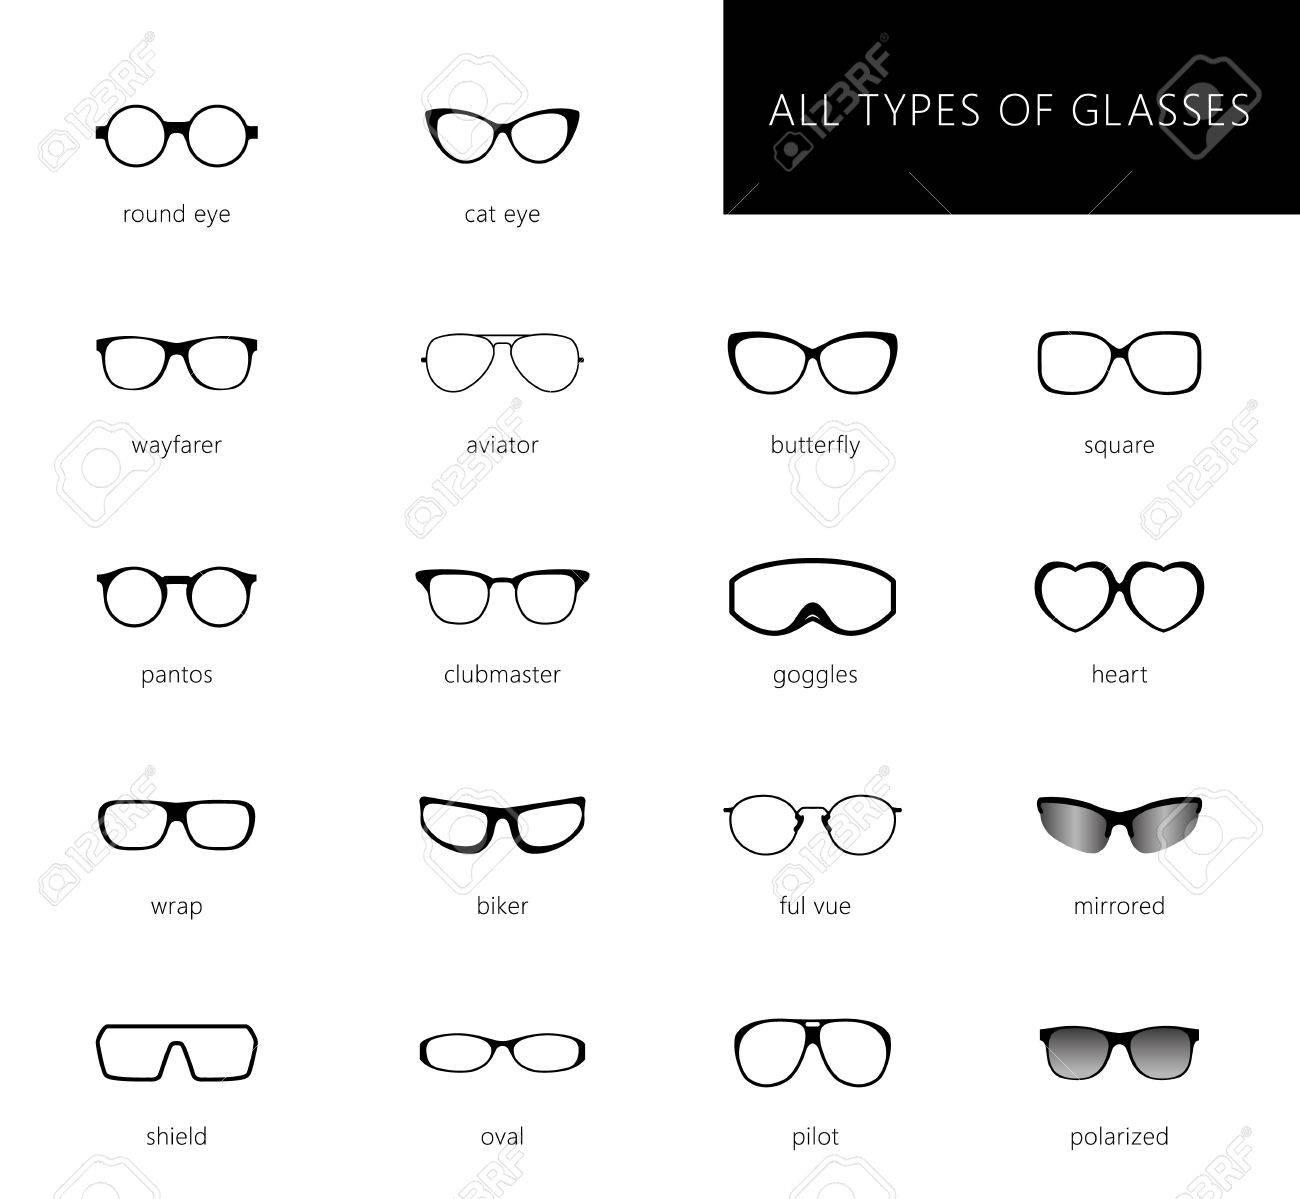 175356e1f4 Foto de archivo - Ilustración vectorial de gran conjunto de gafas de  vector. Colección de diferentes tipos de gafas de aro - redondo, cuadrado,  ...